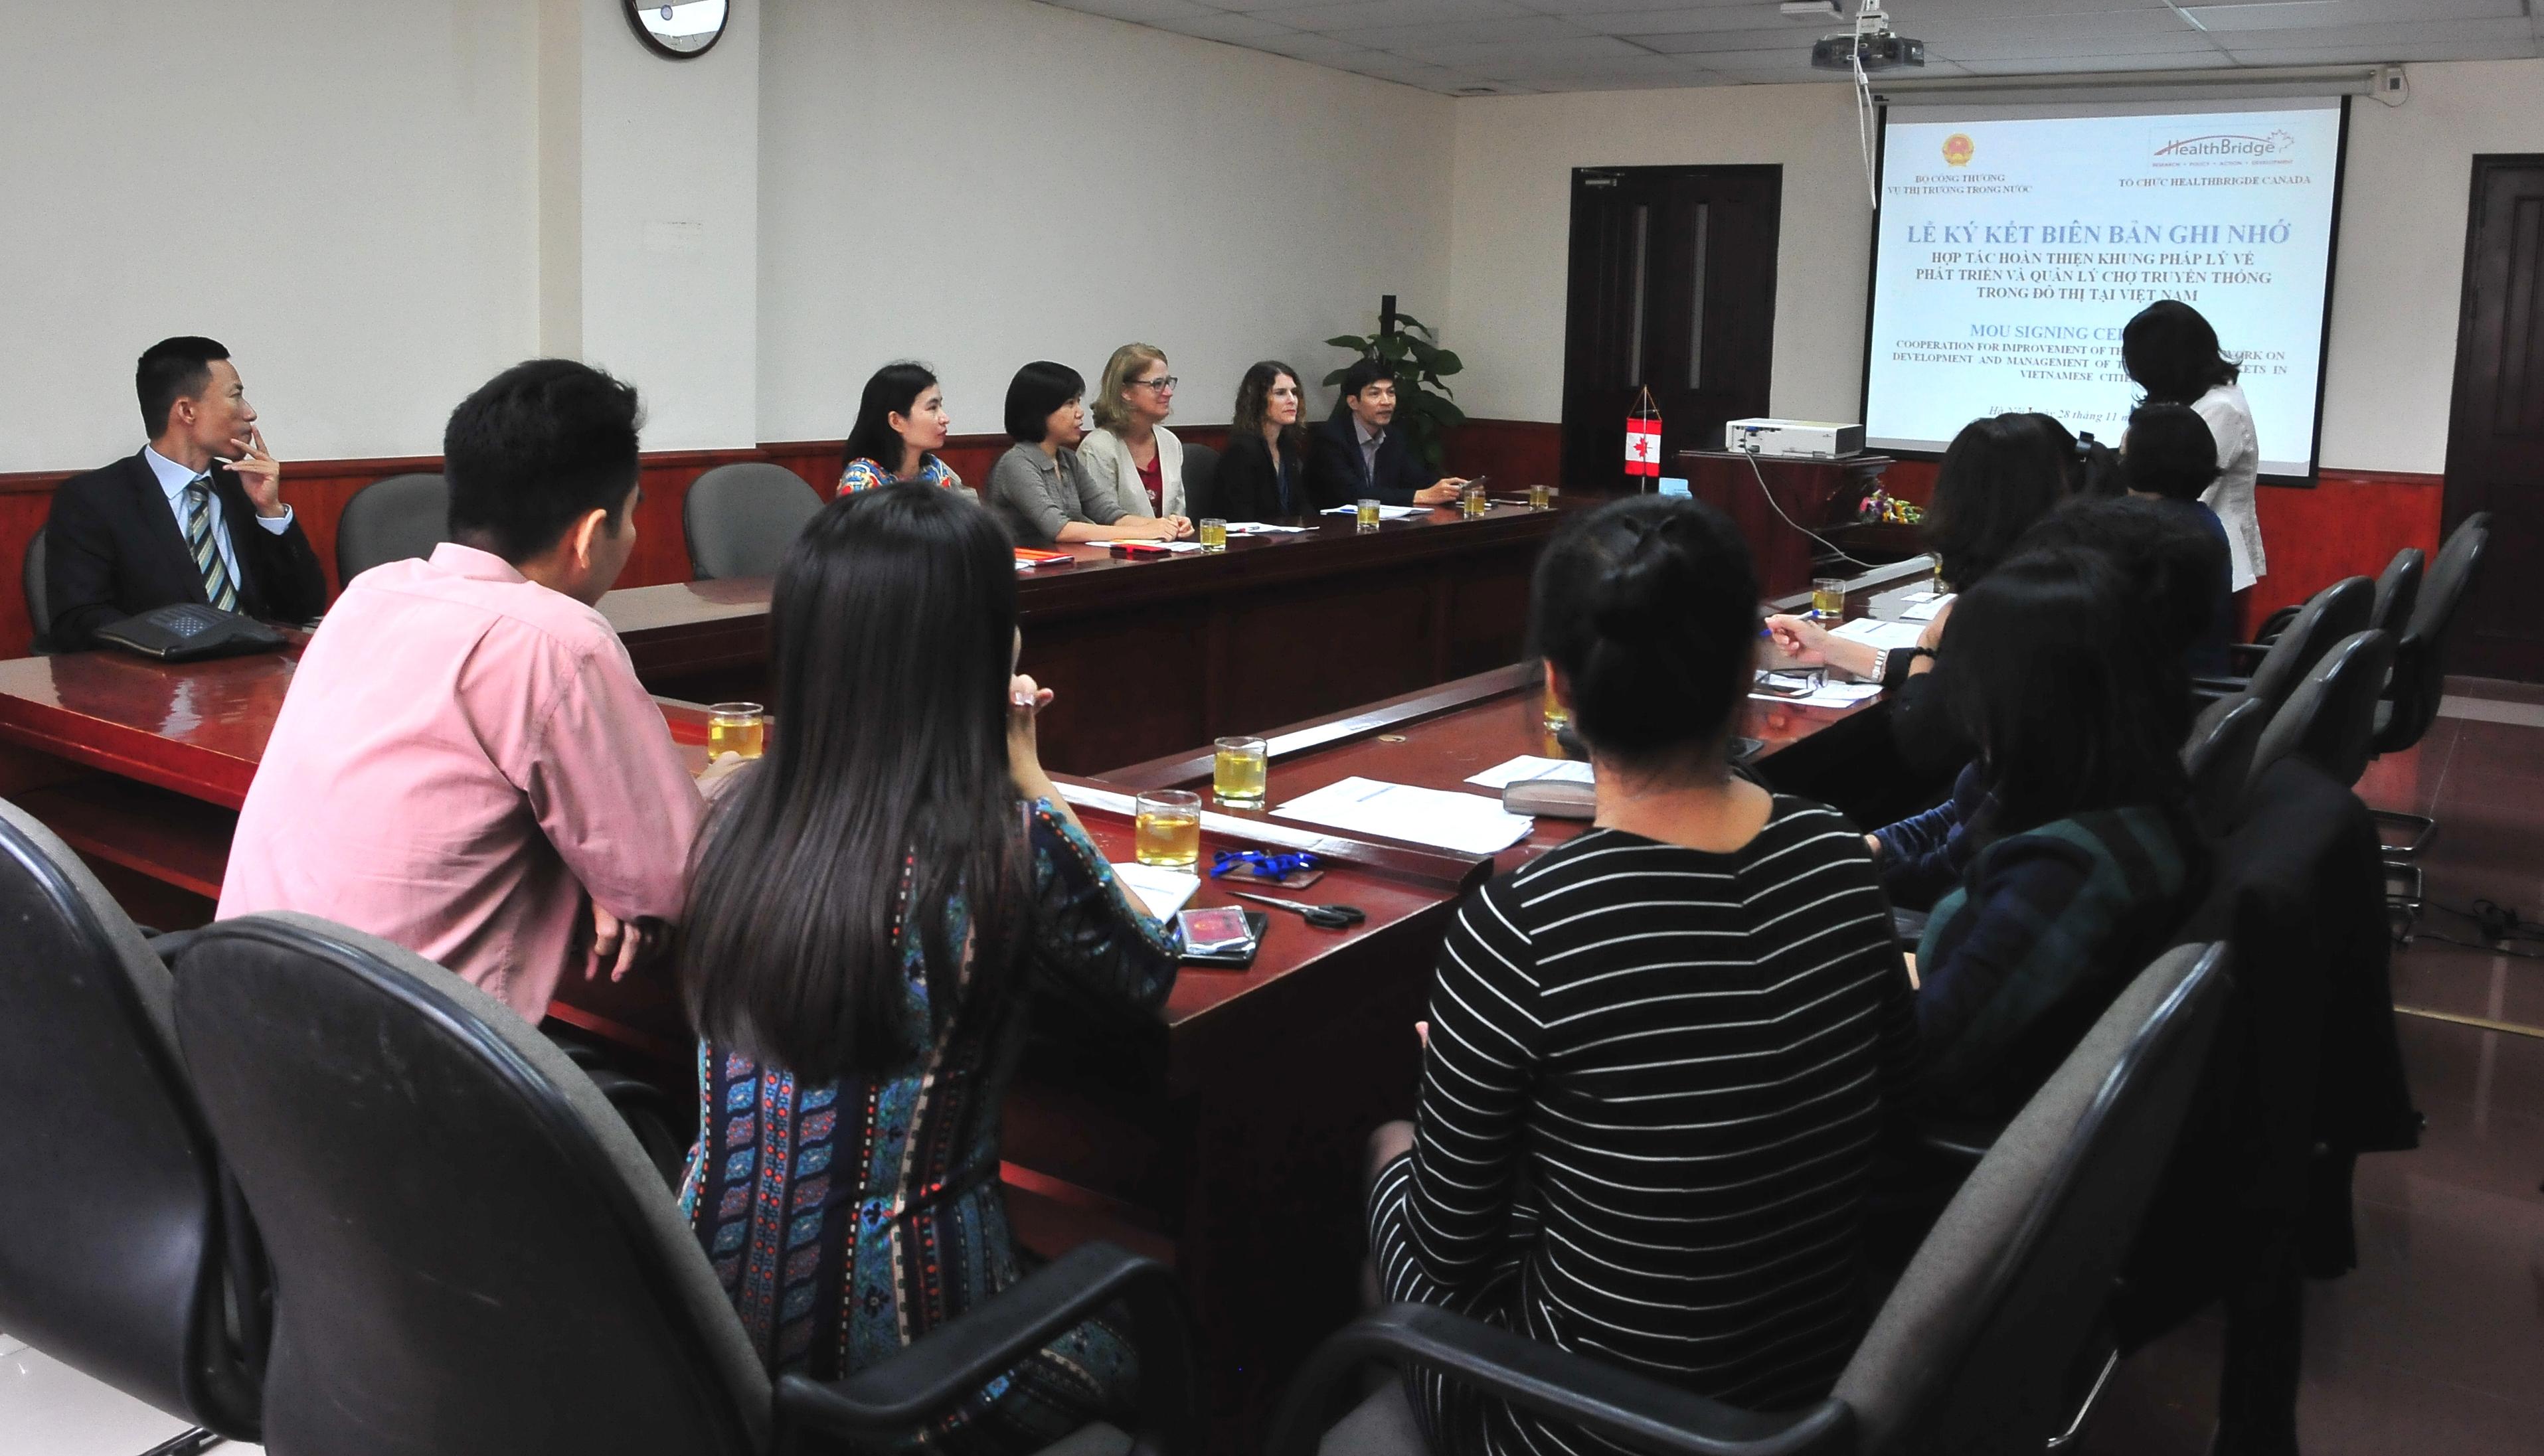 Hợp tác hoàn thiện khung pháp lý phát triển và quản lý chợ truyền thống trong đô thị